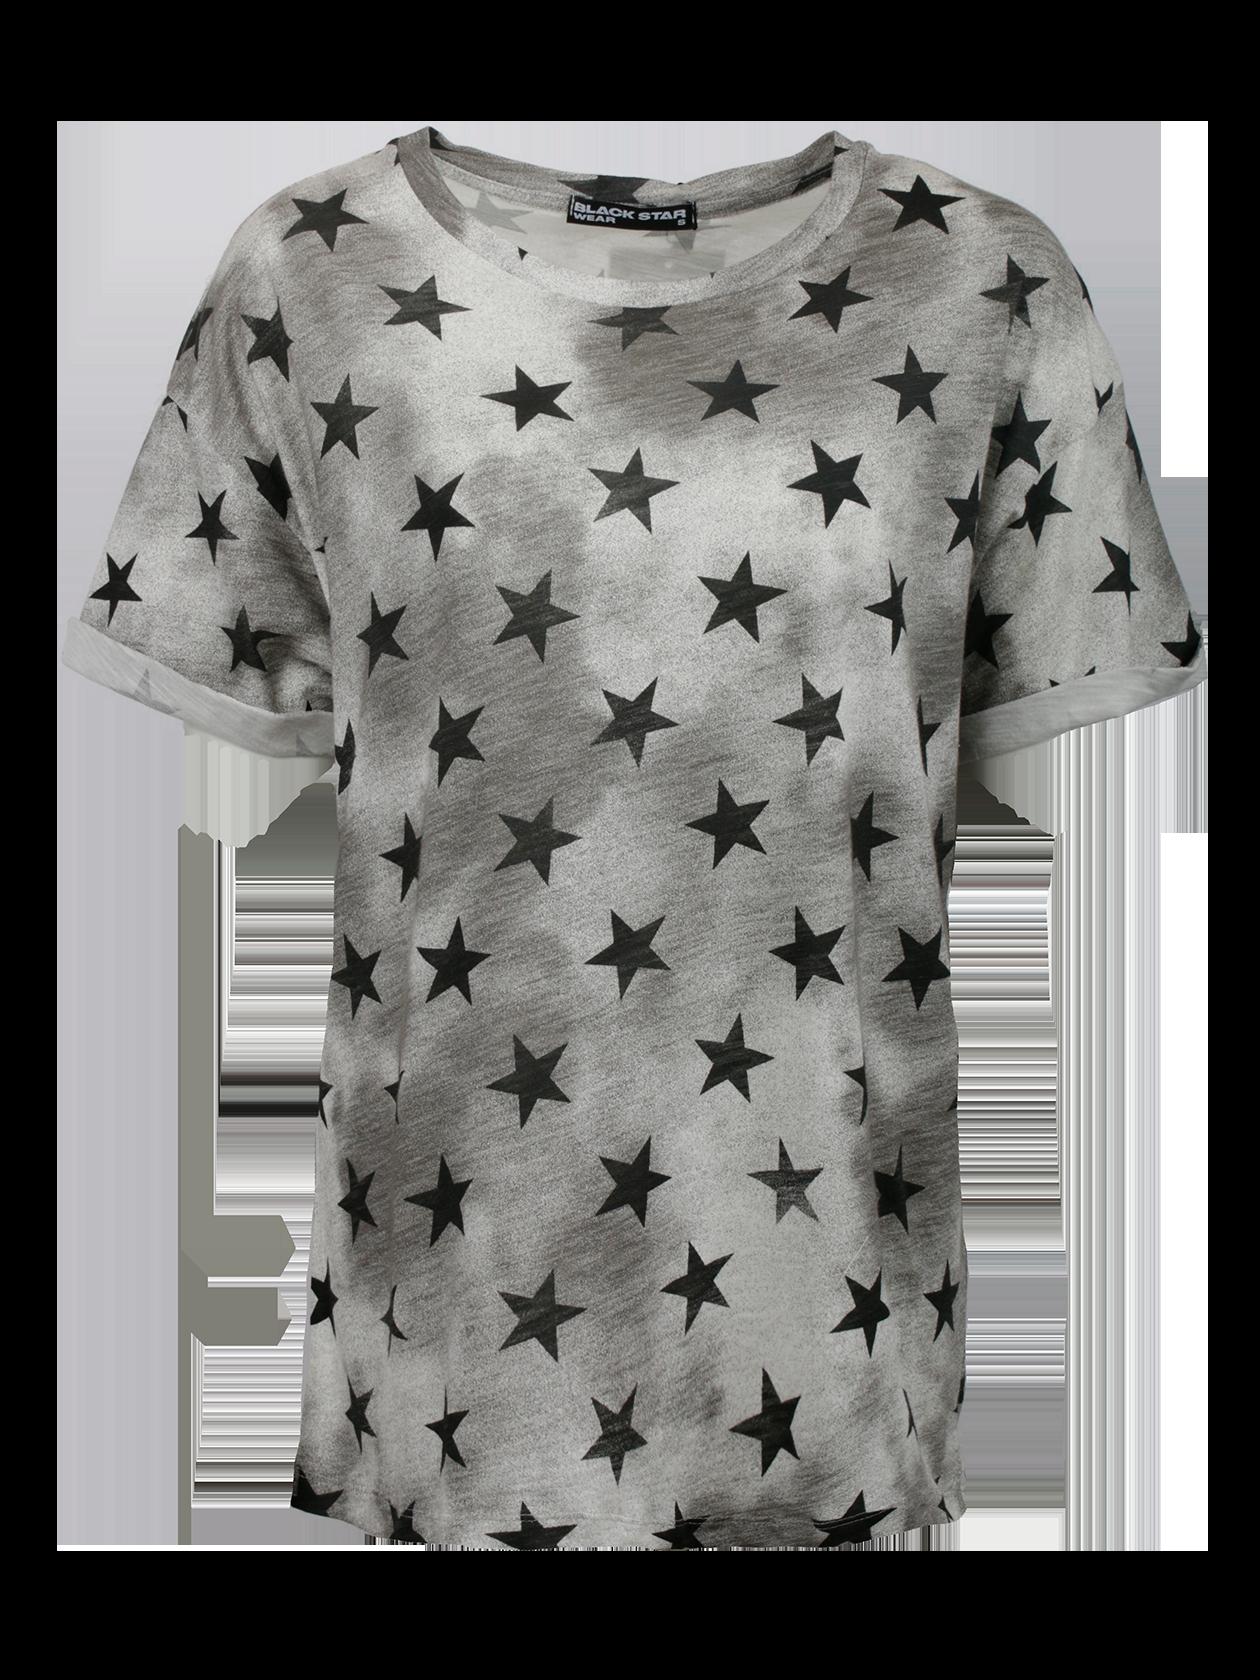 Футболка женская SUPER STARФутболка женская Super Star – яркое дополнение спортивного и повседневного стиля. Модель привлекает внимание оригинальной расцветкой серой расцветкой с темными пятнами и рисунком в виде многочисленных черных звезд. Крой прямой, свободный, линия плеча опущена и переходит в короткий широкий рукав. Горловина средней глубины дополнена жаккардовой нашивкой с логотипом Black Star внутри. Благодаря натуральному высококачественному хлопку футболка отличается высокой практичностью и износостойкостью.<br><br>Размер: M<br>Цвет: Серый<br>Пол: Женский